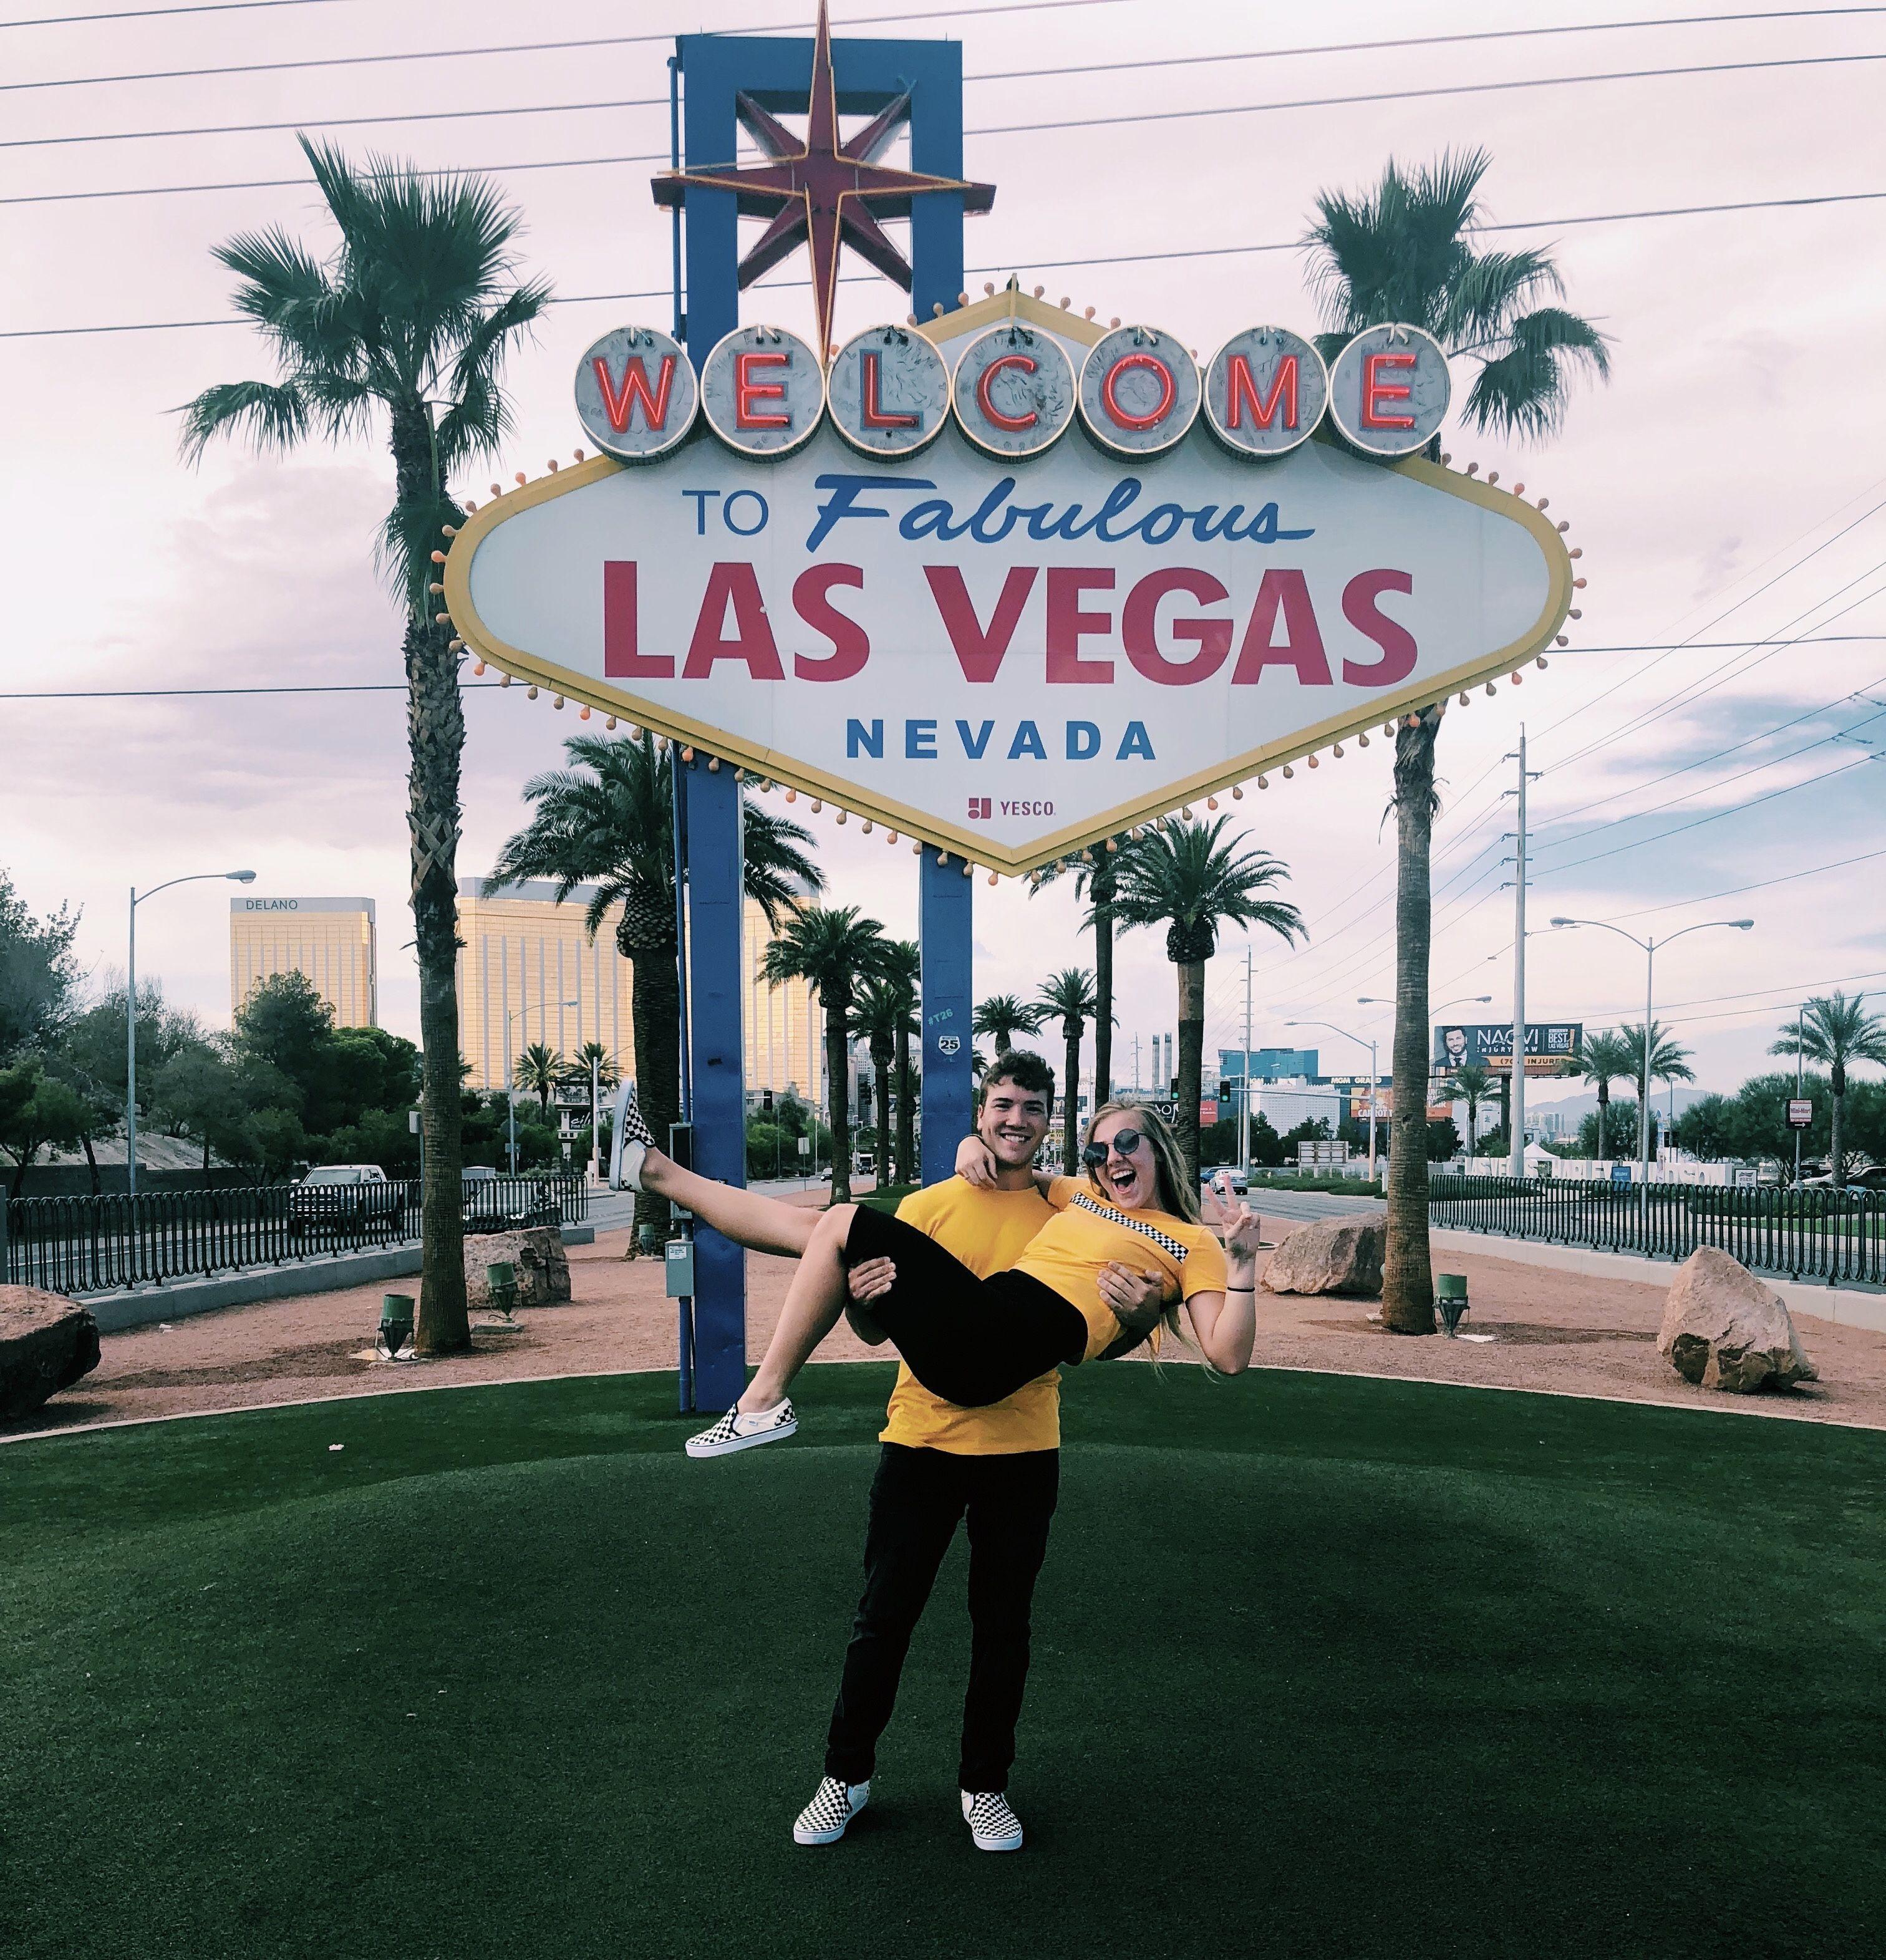 Couple Picture By The Las Vegas Sign Las Vegas Photos Las Vegas Vacation Las Vegas Trip